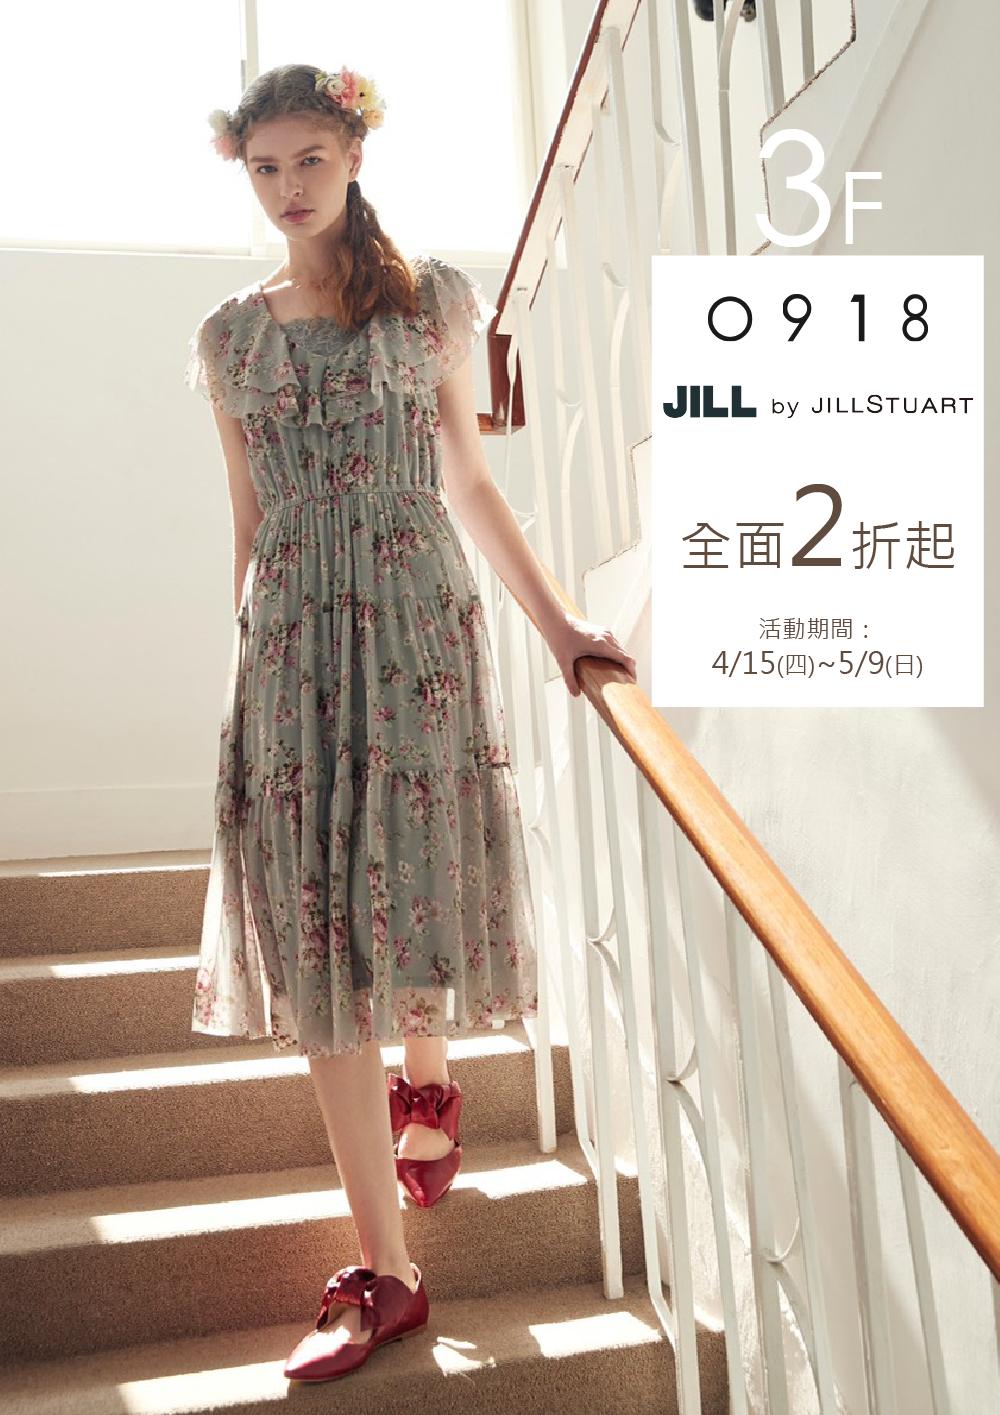 2021-0209-0509-0918女裝詳情圖.png